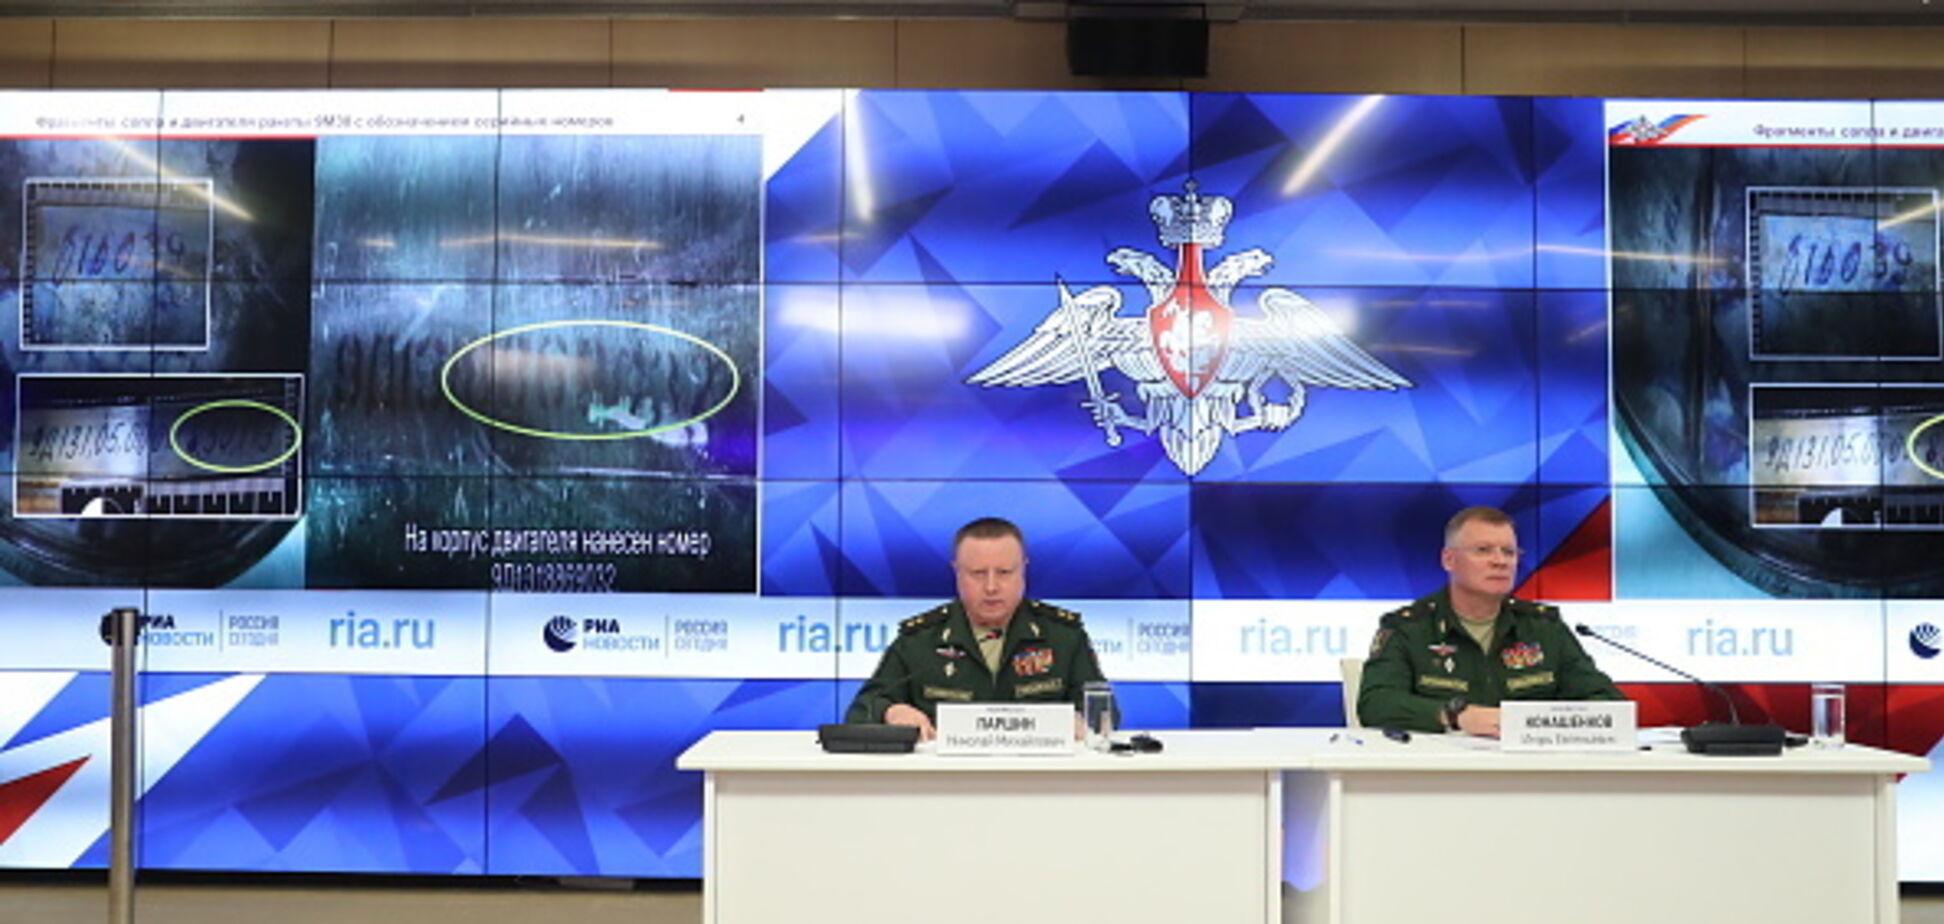 Новые ''доказательства'' по MH17: раскрыта подлая уловка Кремля